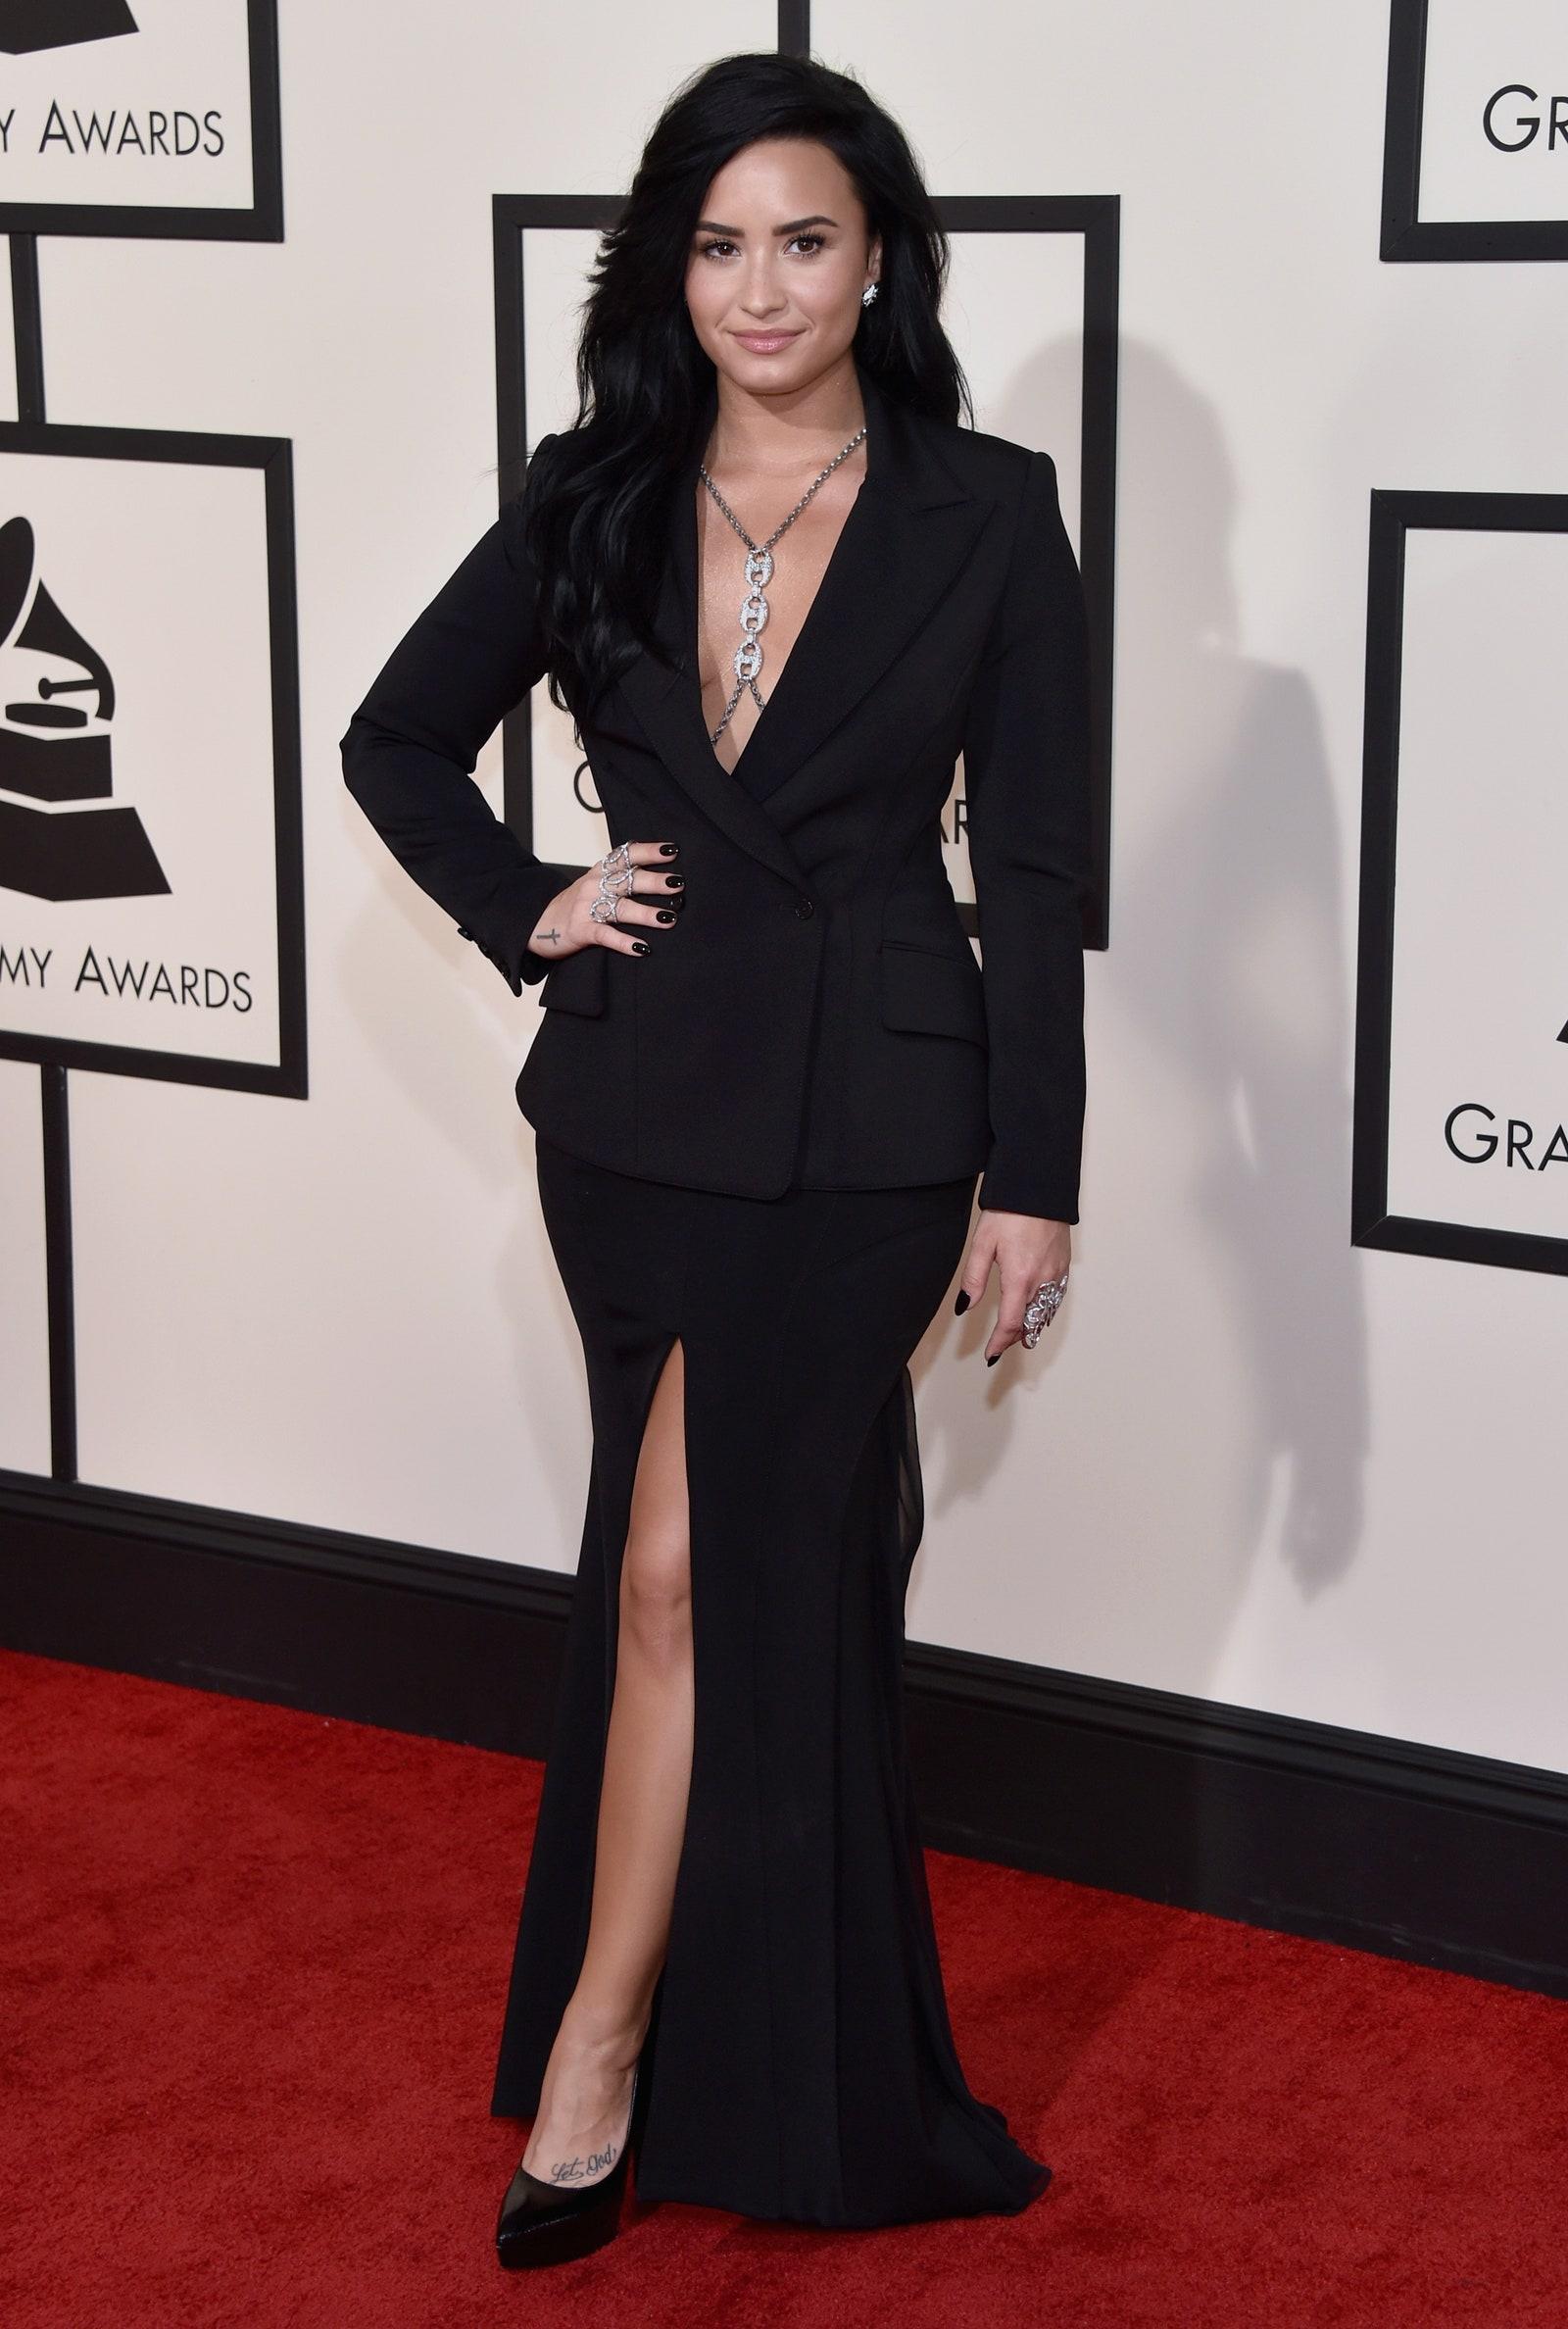 Cách mặc đẹp như Demi Lovato với suit cổ chữ V và chân váy xẻ tà trên thảm đỏ